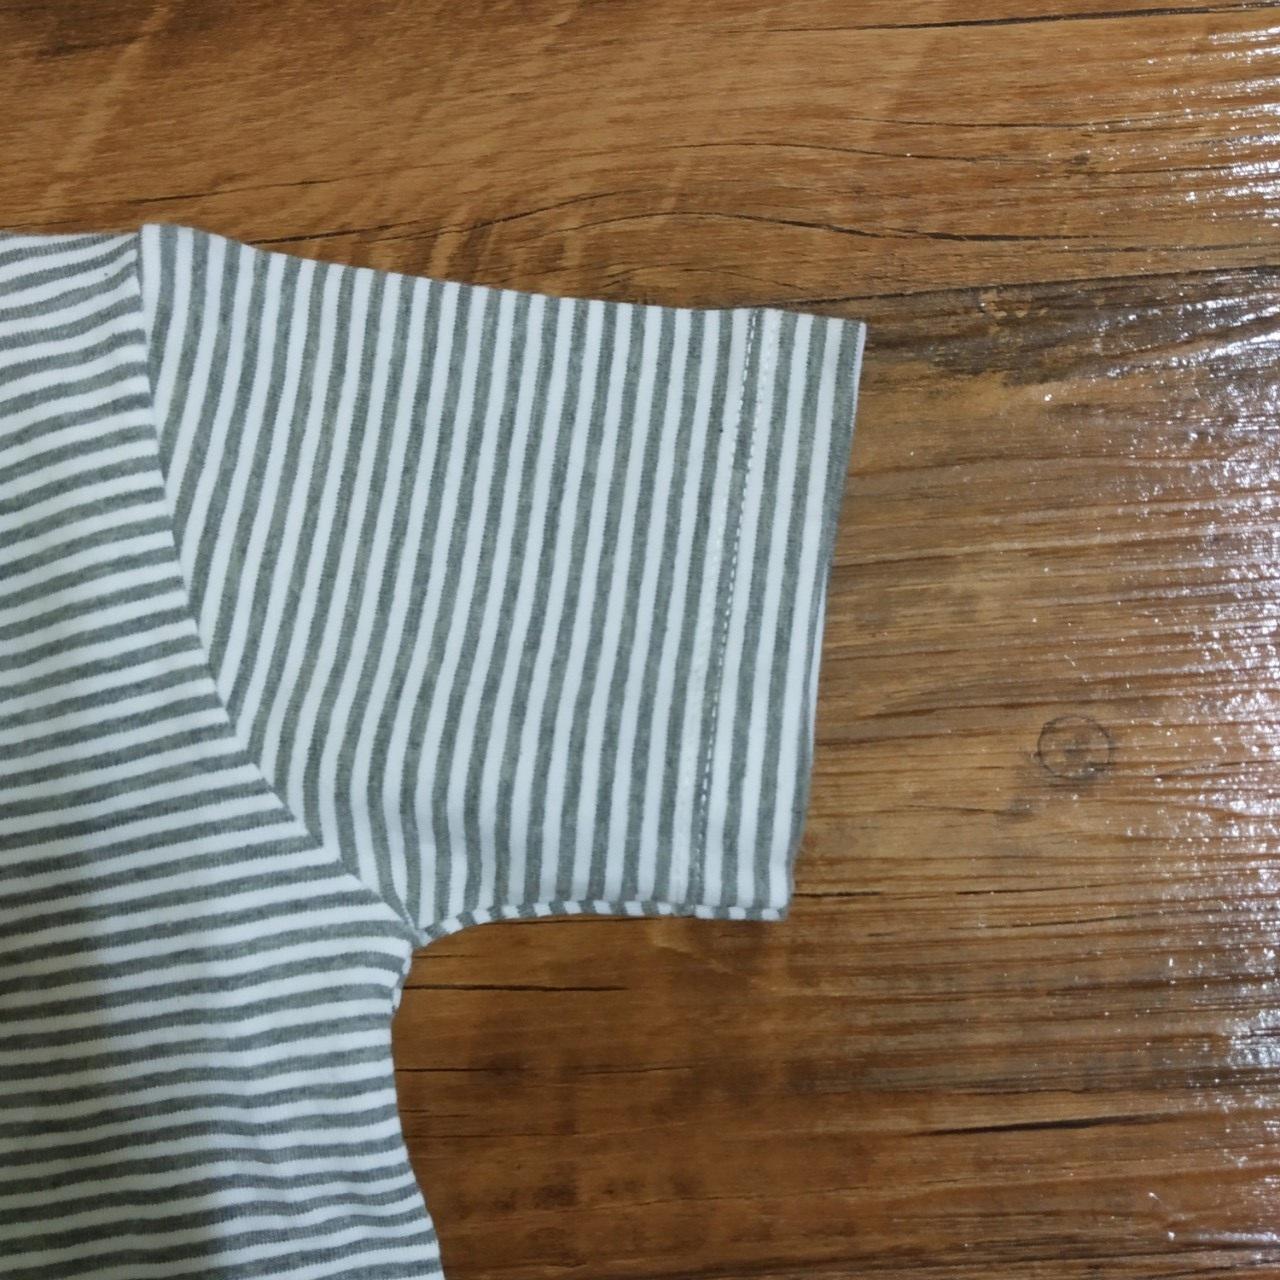 Đồ bộ bé gái lửng hình công chúa chất liệu thun cotton 4 chiều, mềm, mịn